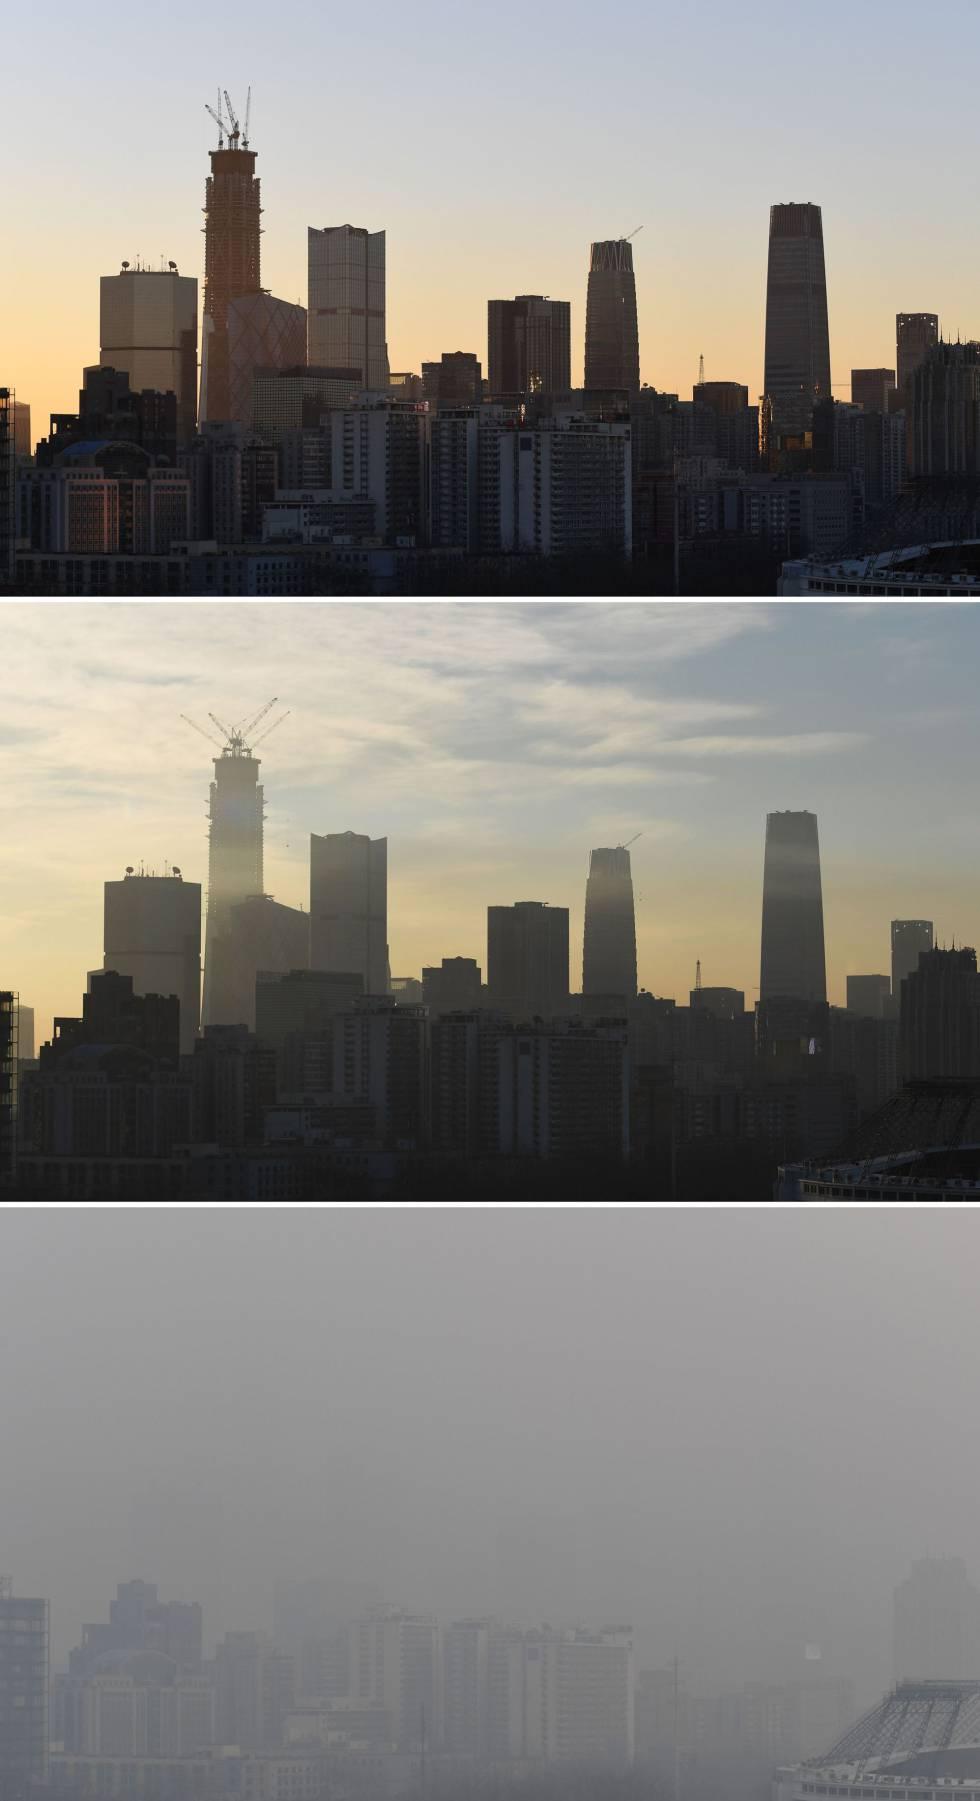 Vista del centro financiero de Pekín el 14 de diciembre (arriba), este viernes (al medio) y este sábado (abajo).